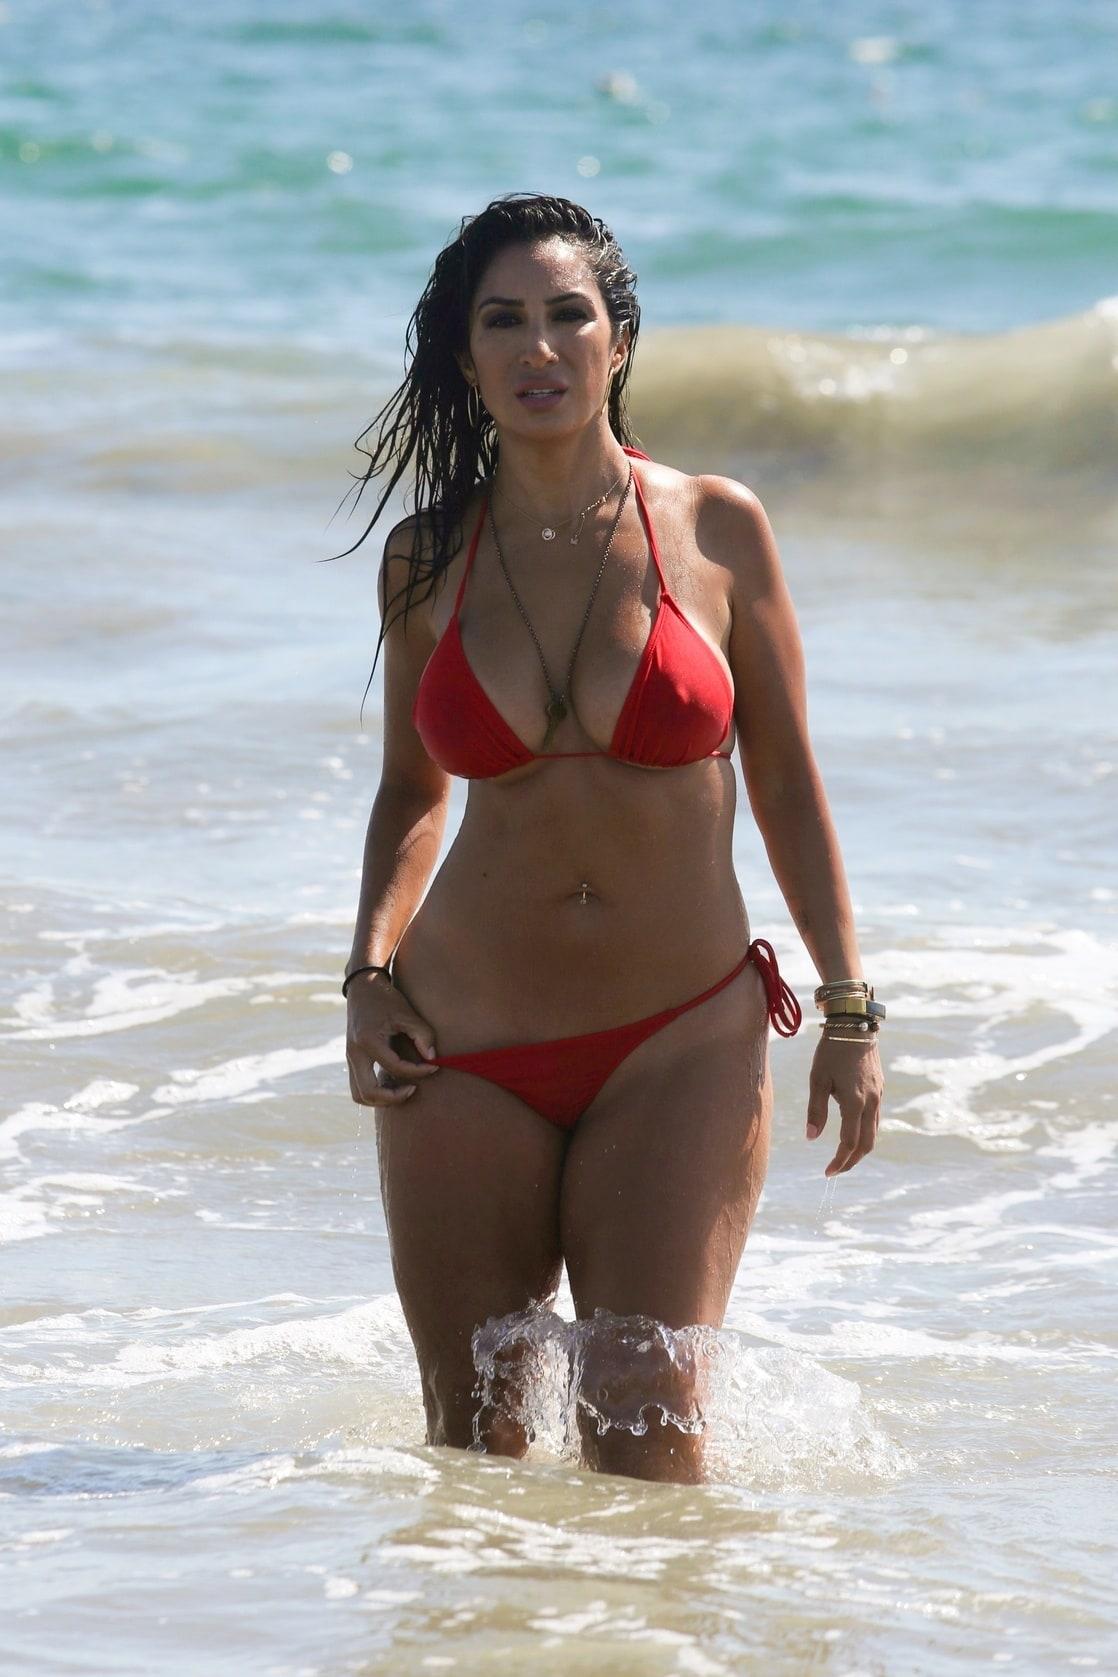 There liana mendoza bikini something is